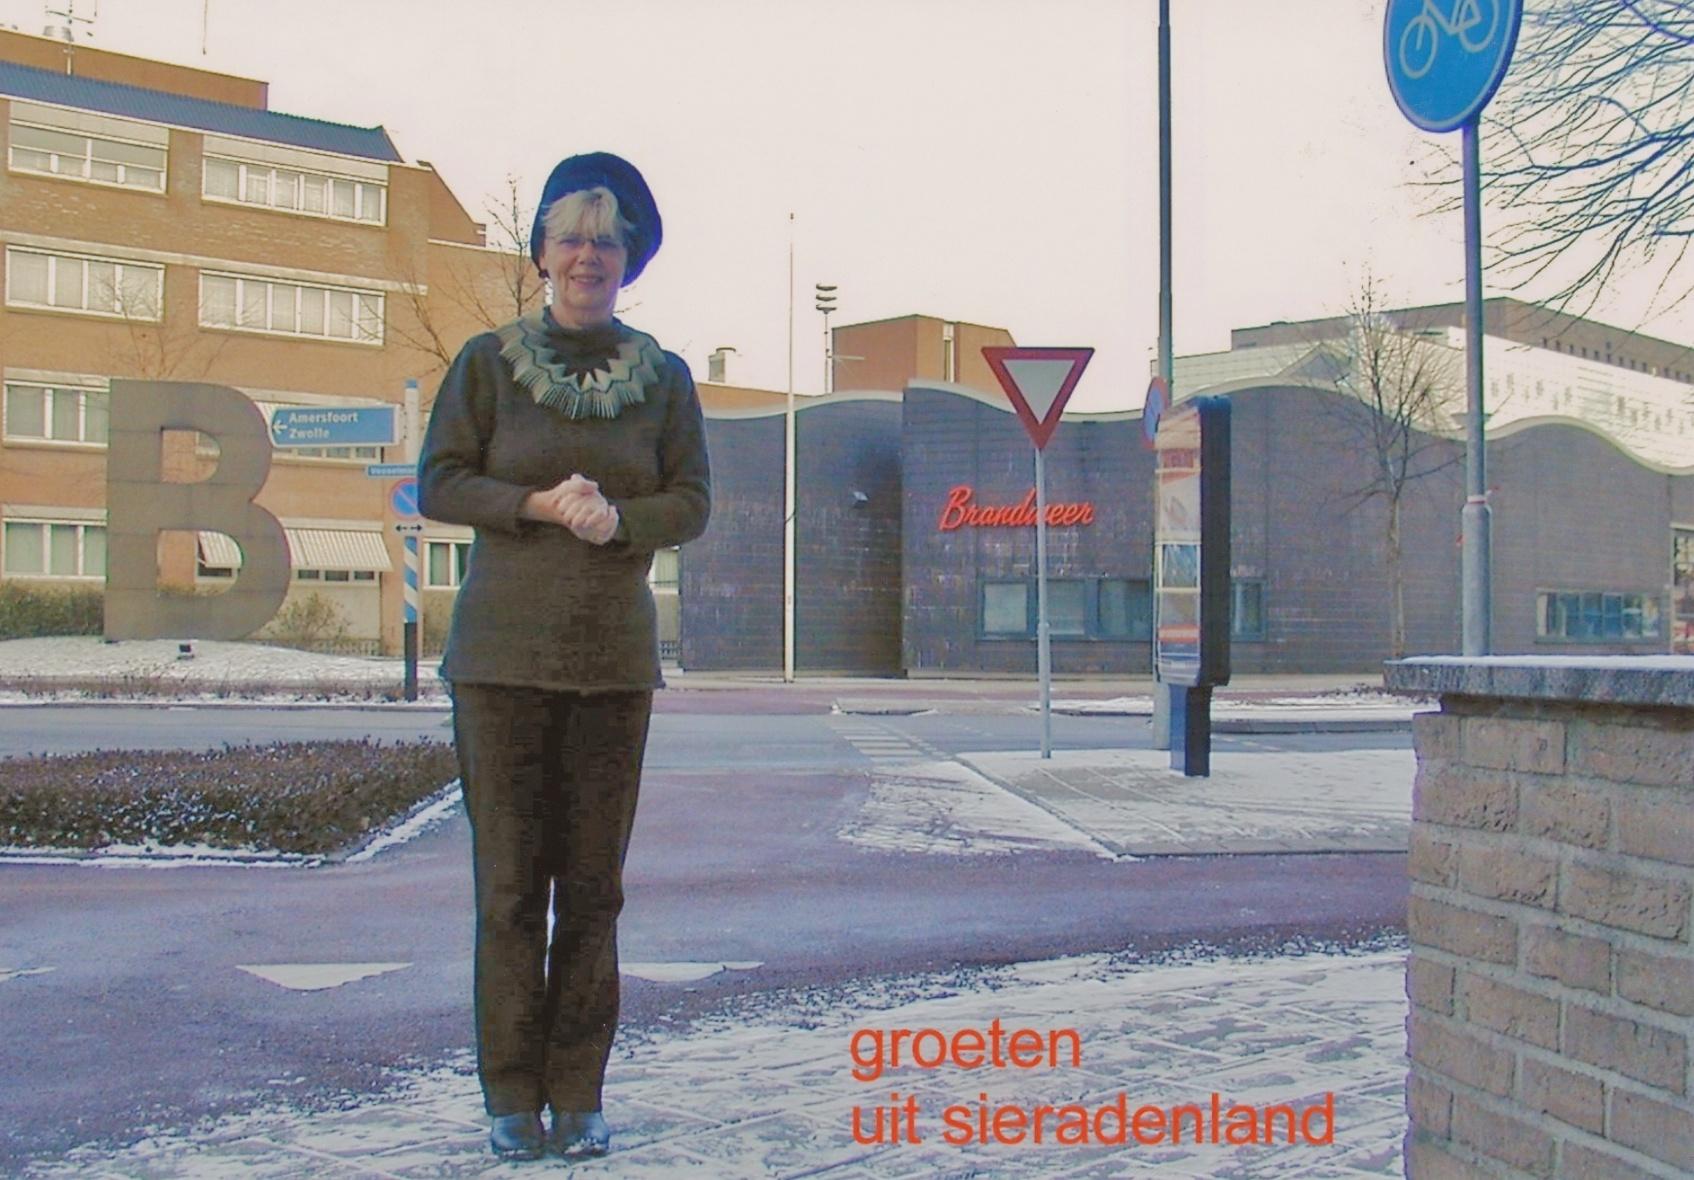 Claartje Keur, Zelfportret met halssieraad van Lous Martin, Apeldoorn, Vosselmanstraat, 8 januari 2003. Foto Claartje Keur